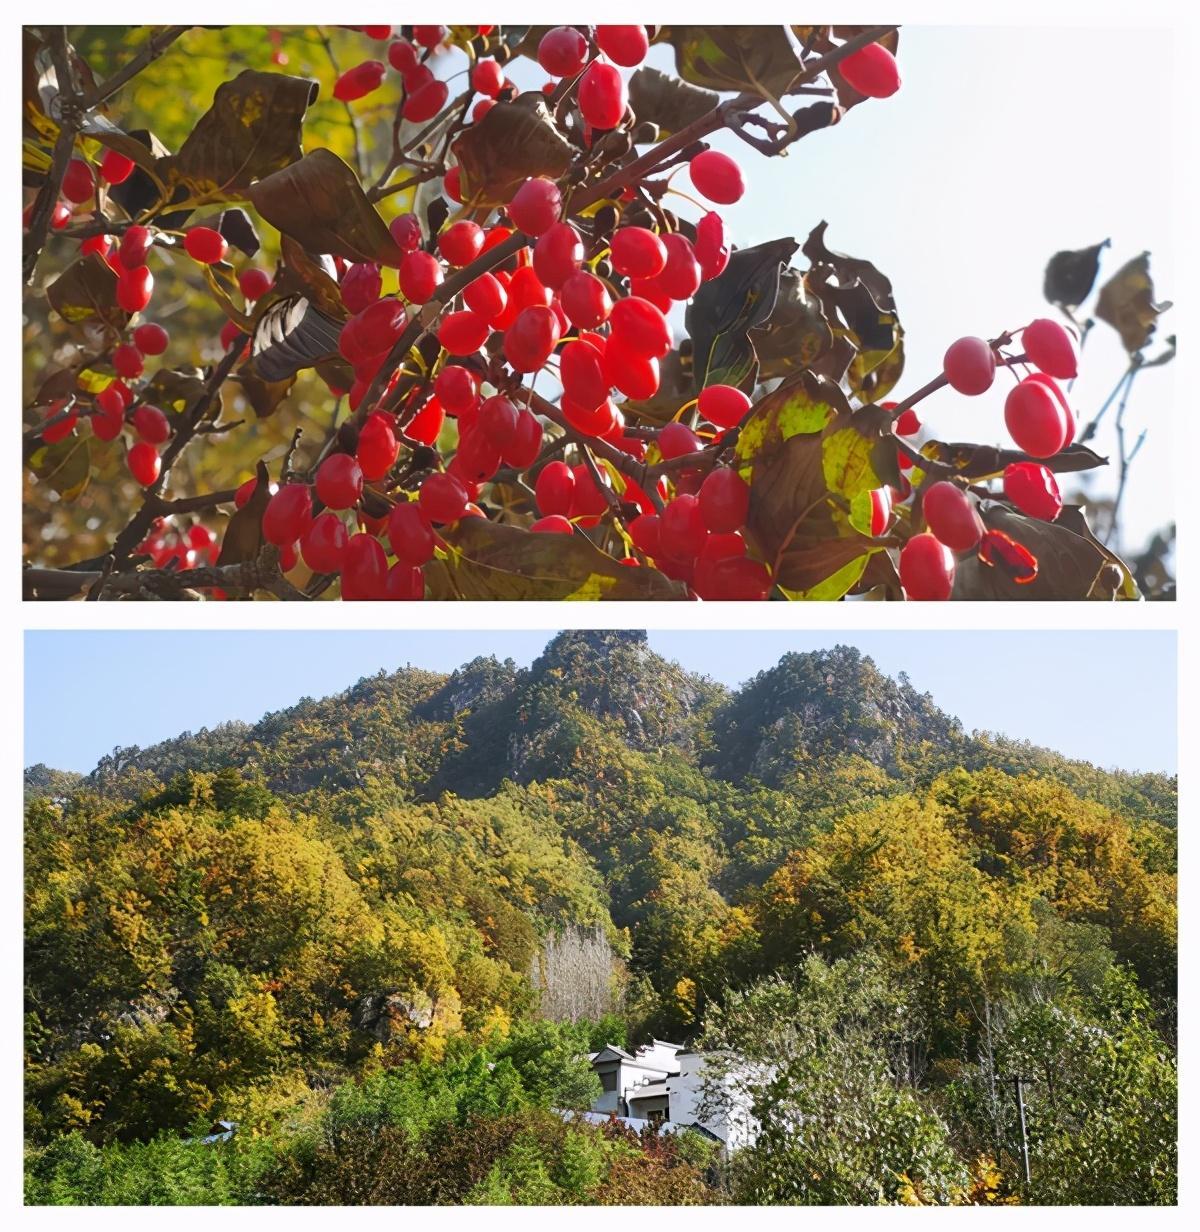 茱萸红、银杏黄直播对焦伏牛山,领略仲景宛西药材基地深秋之美